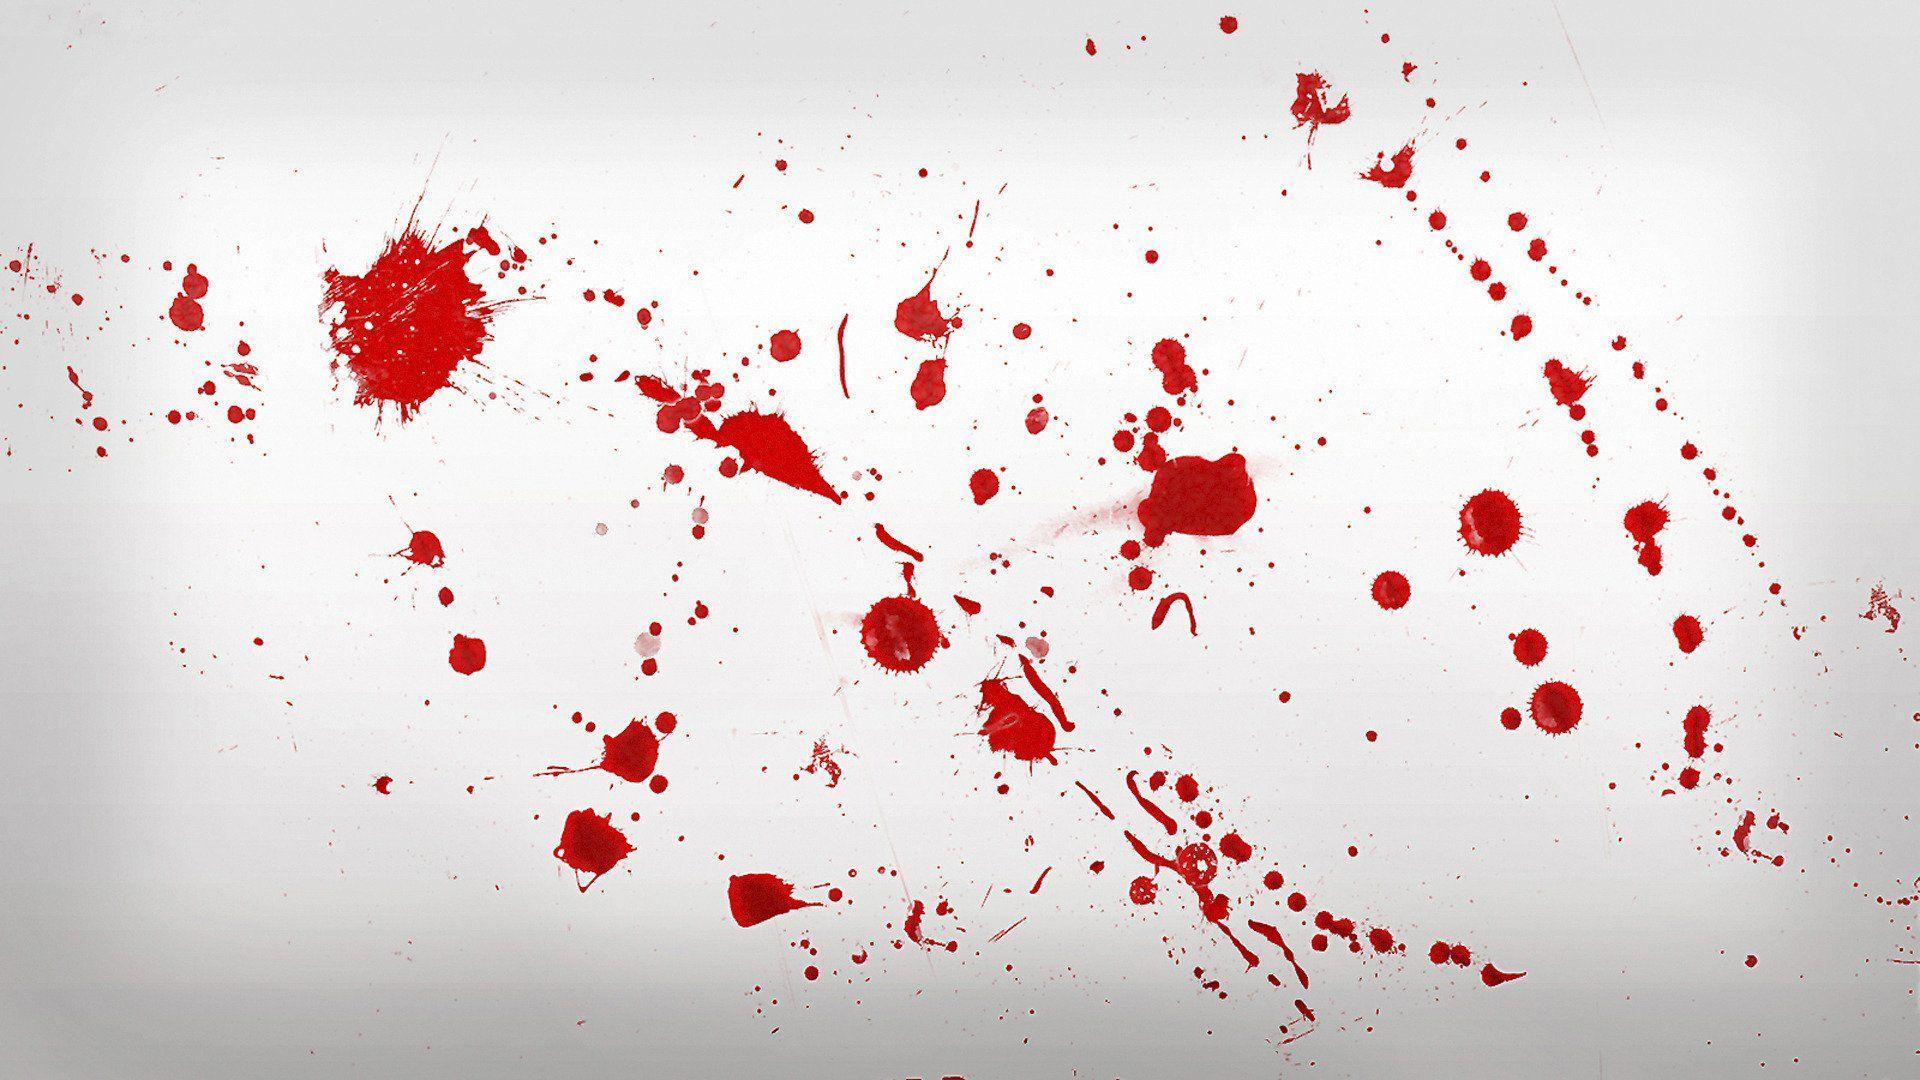 medium resolution of blood spatter